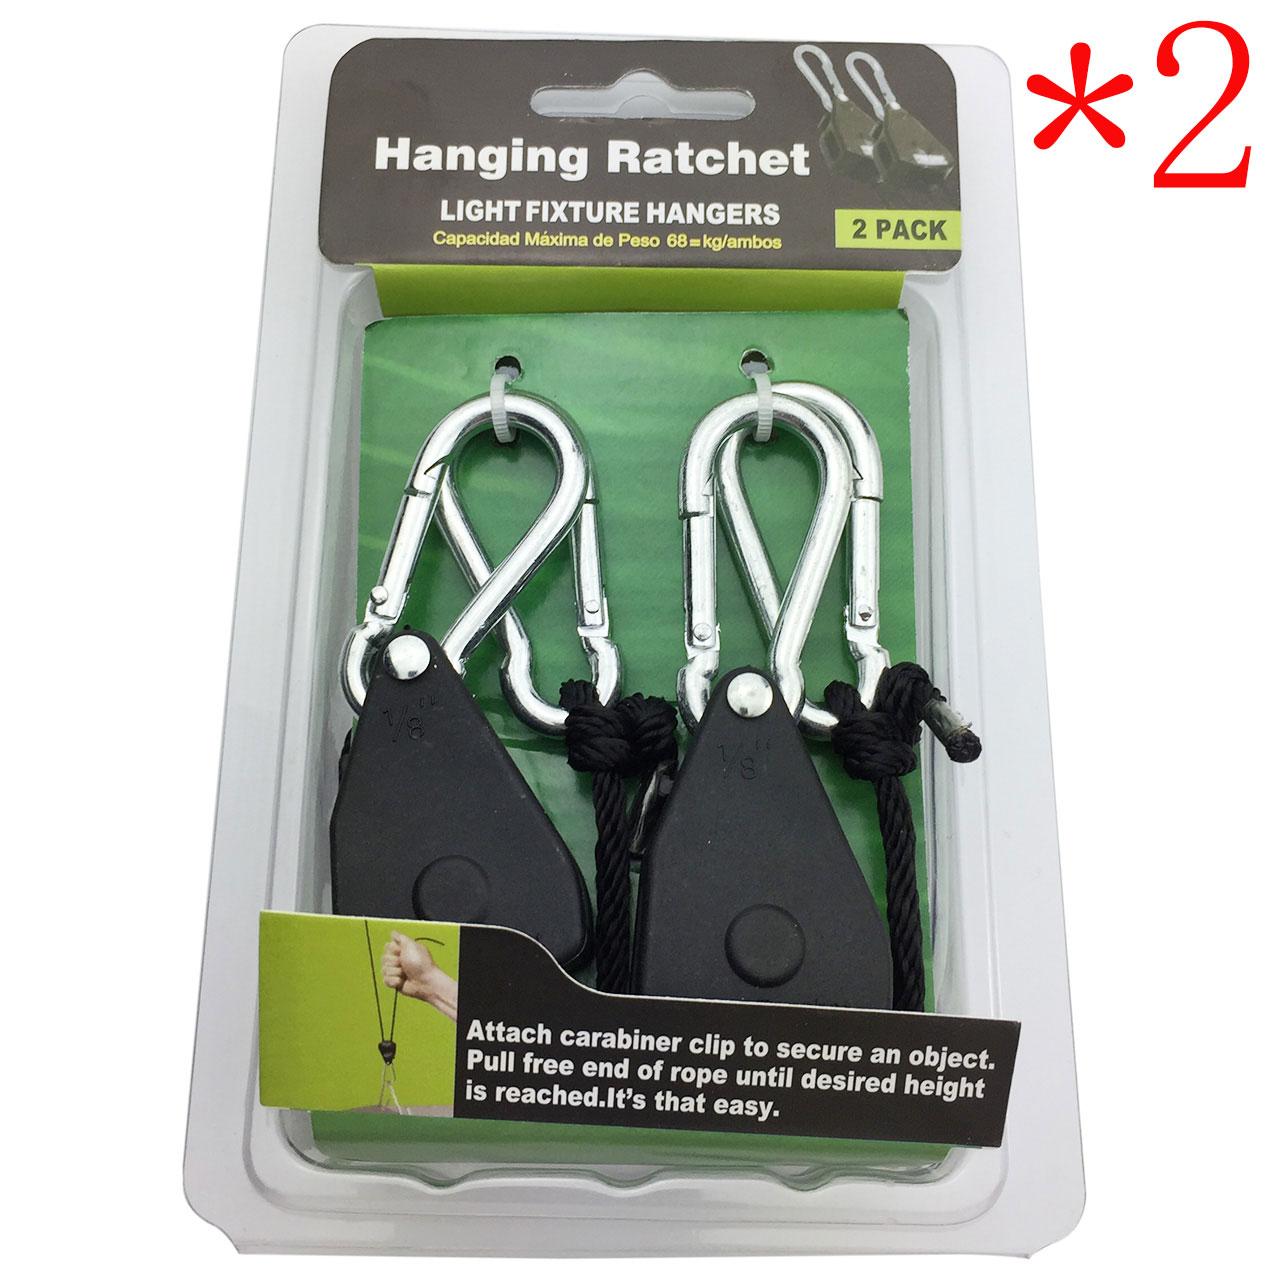 Hydroponics Facile Léger Yoyo Hanger cliquet éclairage Filtres Hanger